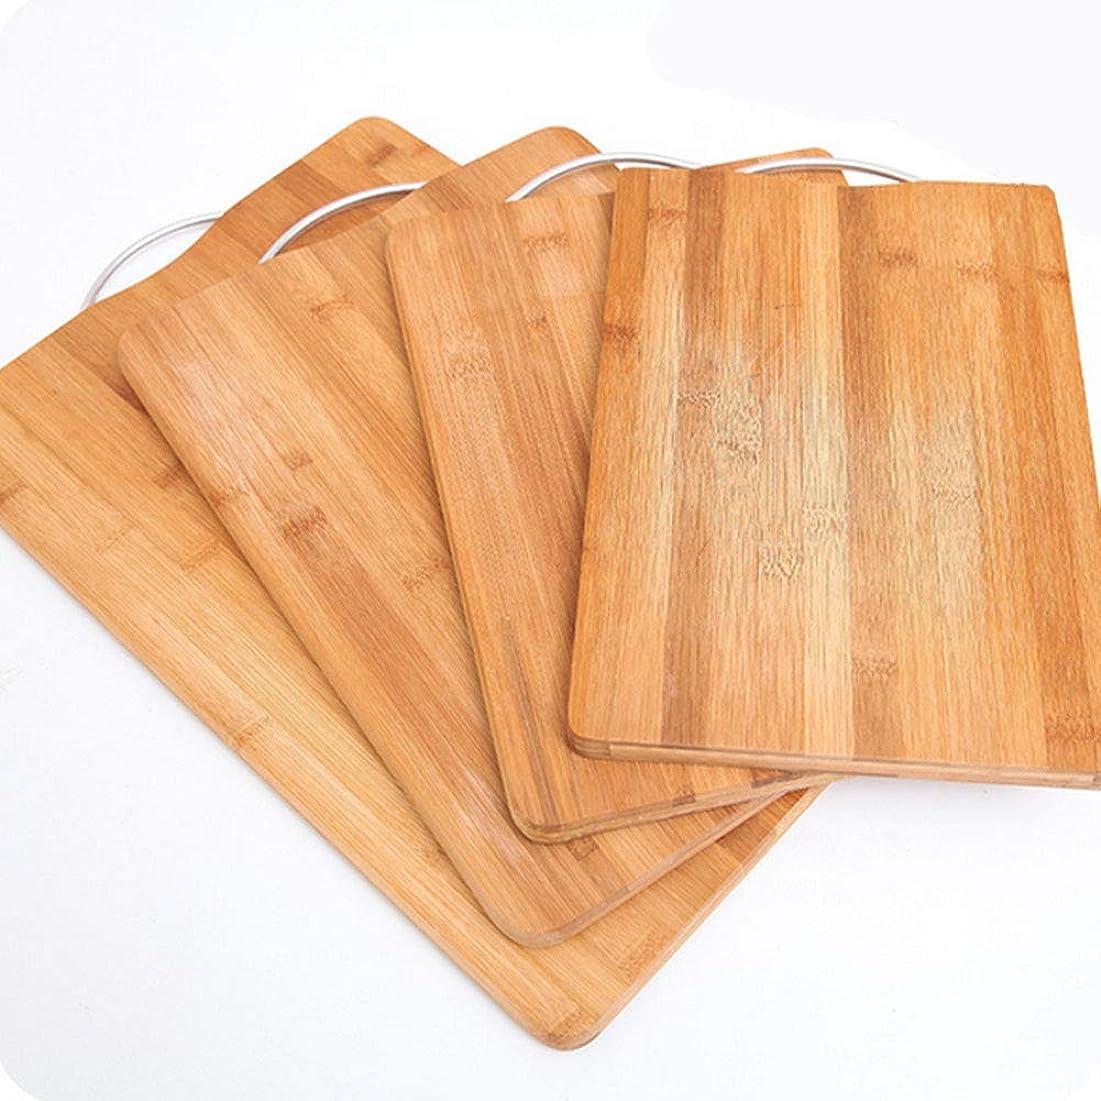 気質蒸インサートまな板セット - キッチンまな板 竹製まな板 長方形 まな板 無垢材 ナイフボード 38*28 195-683